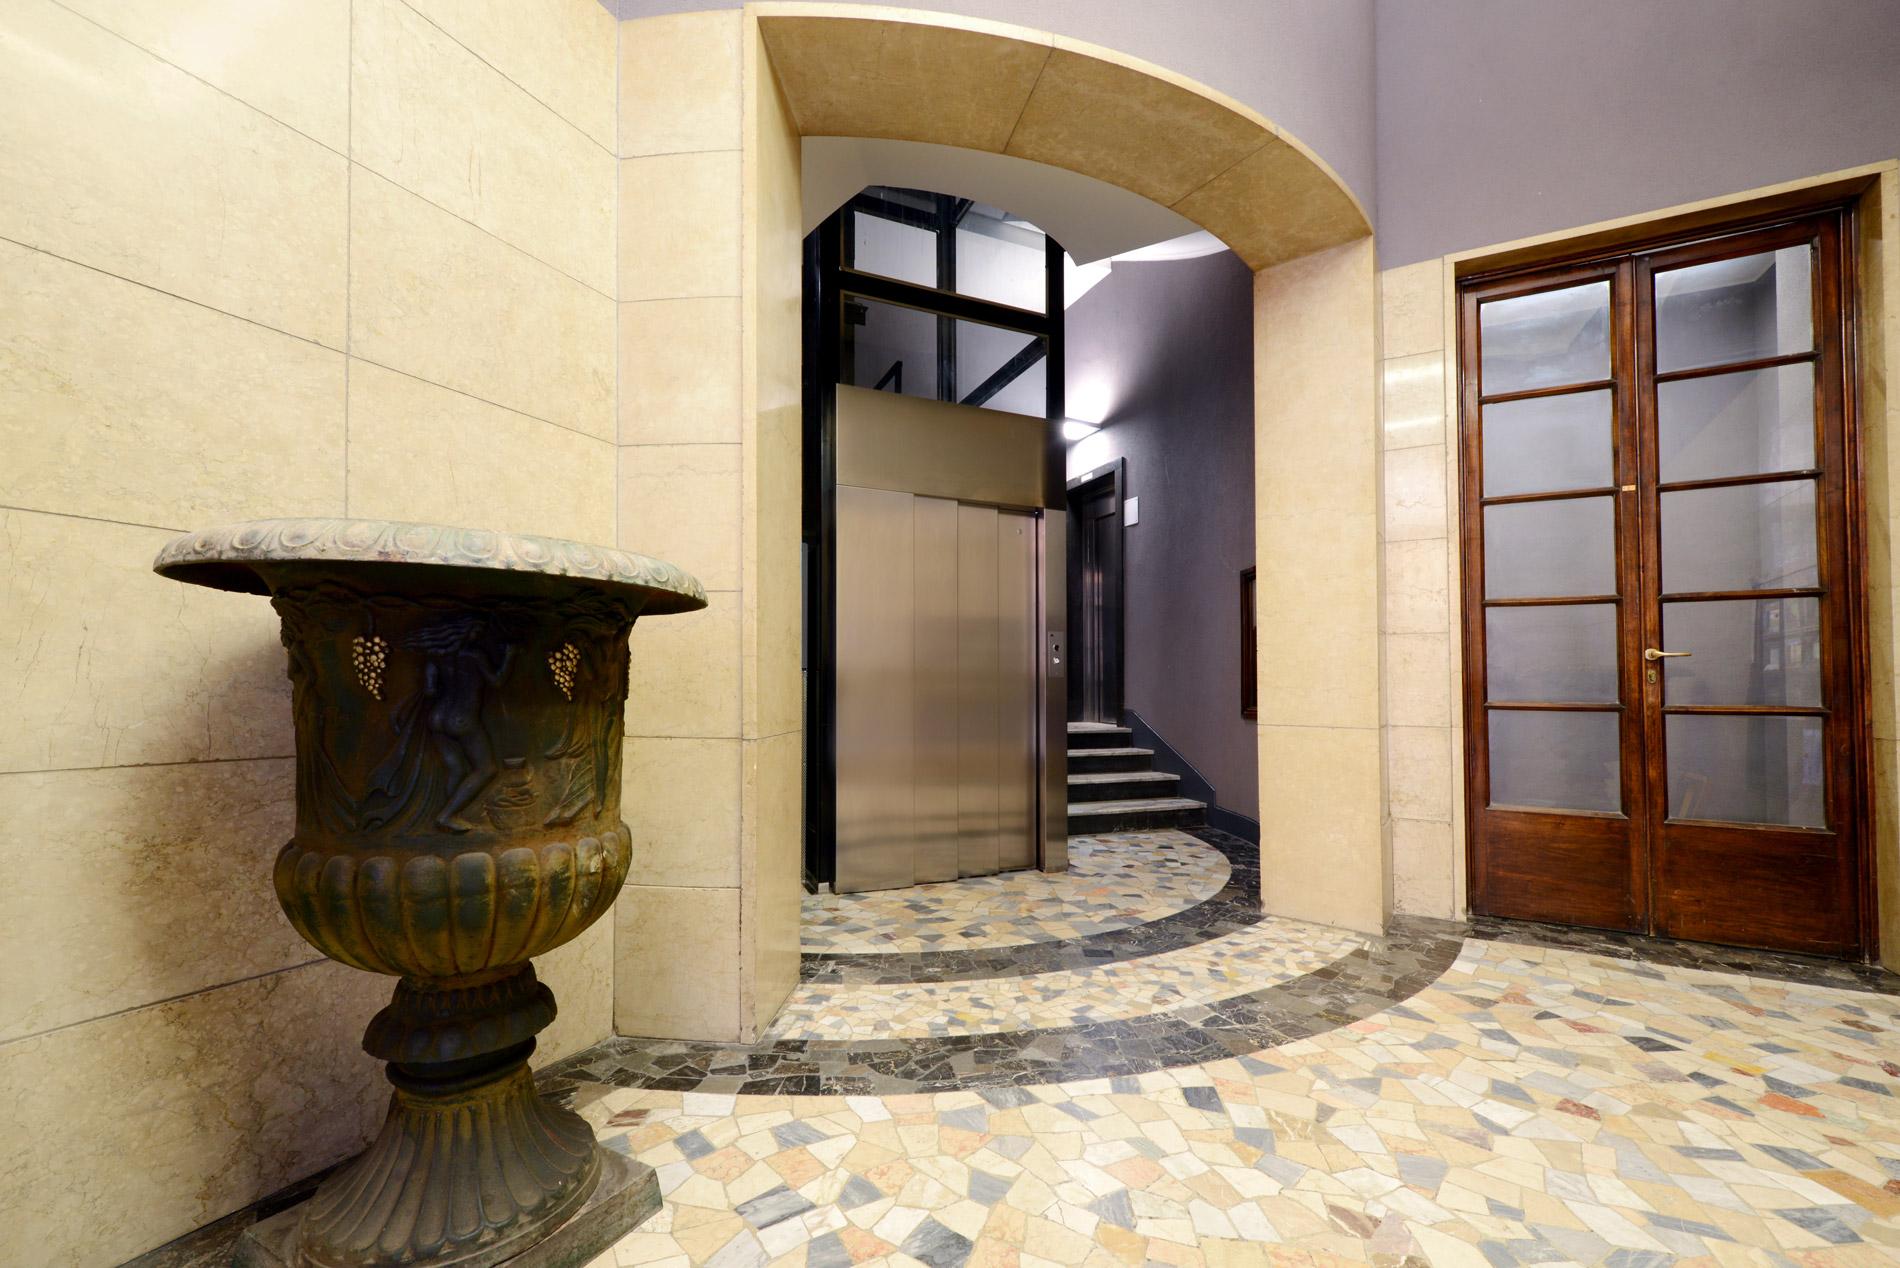 Ingresso ascensore in edificio antico